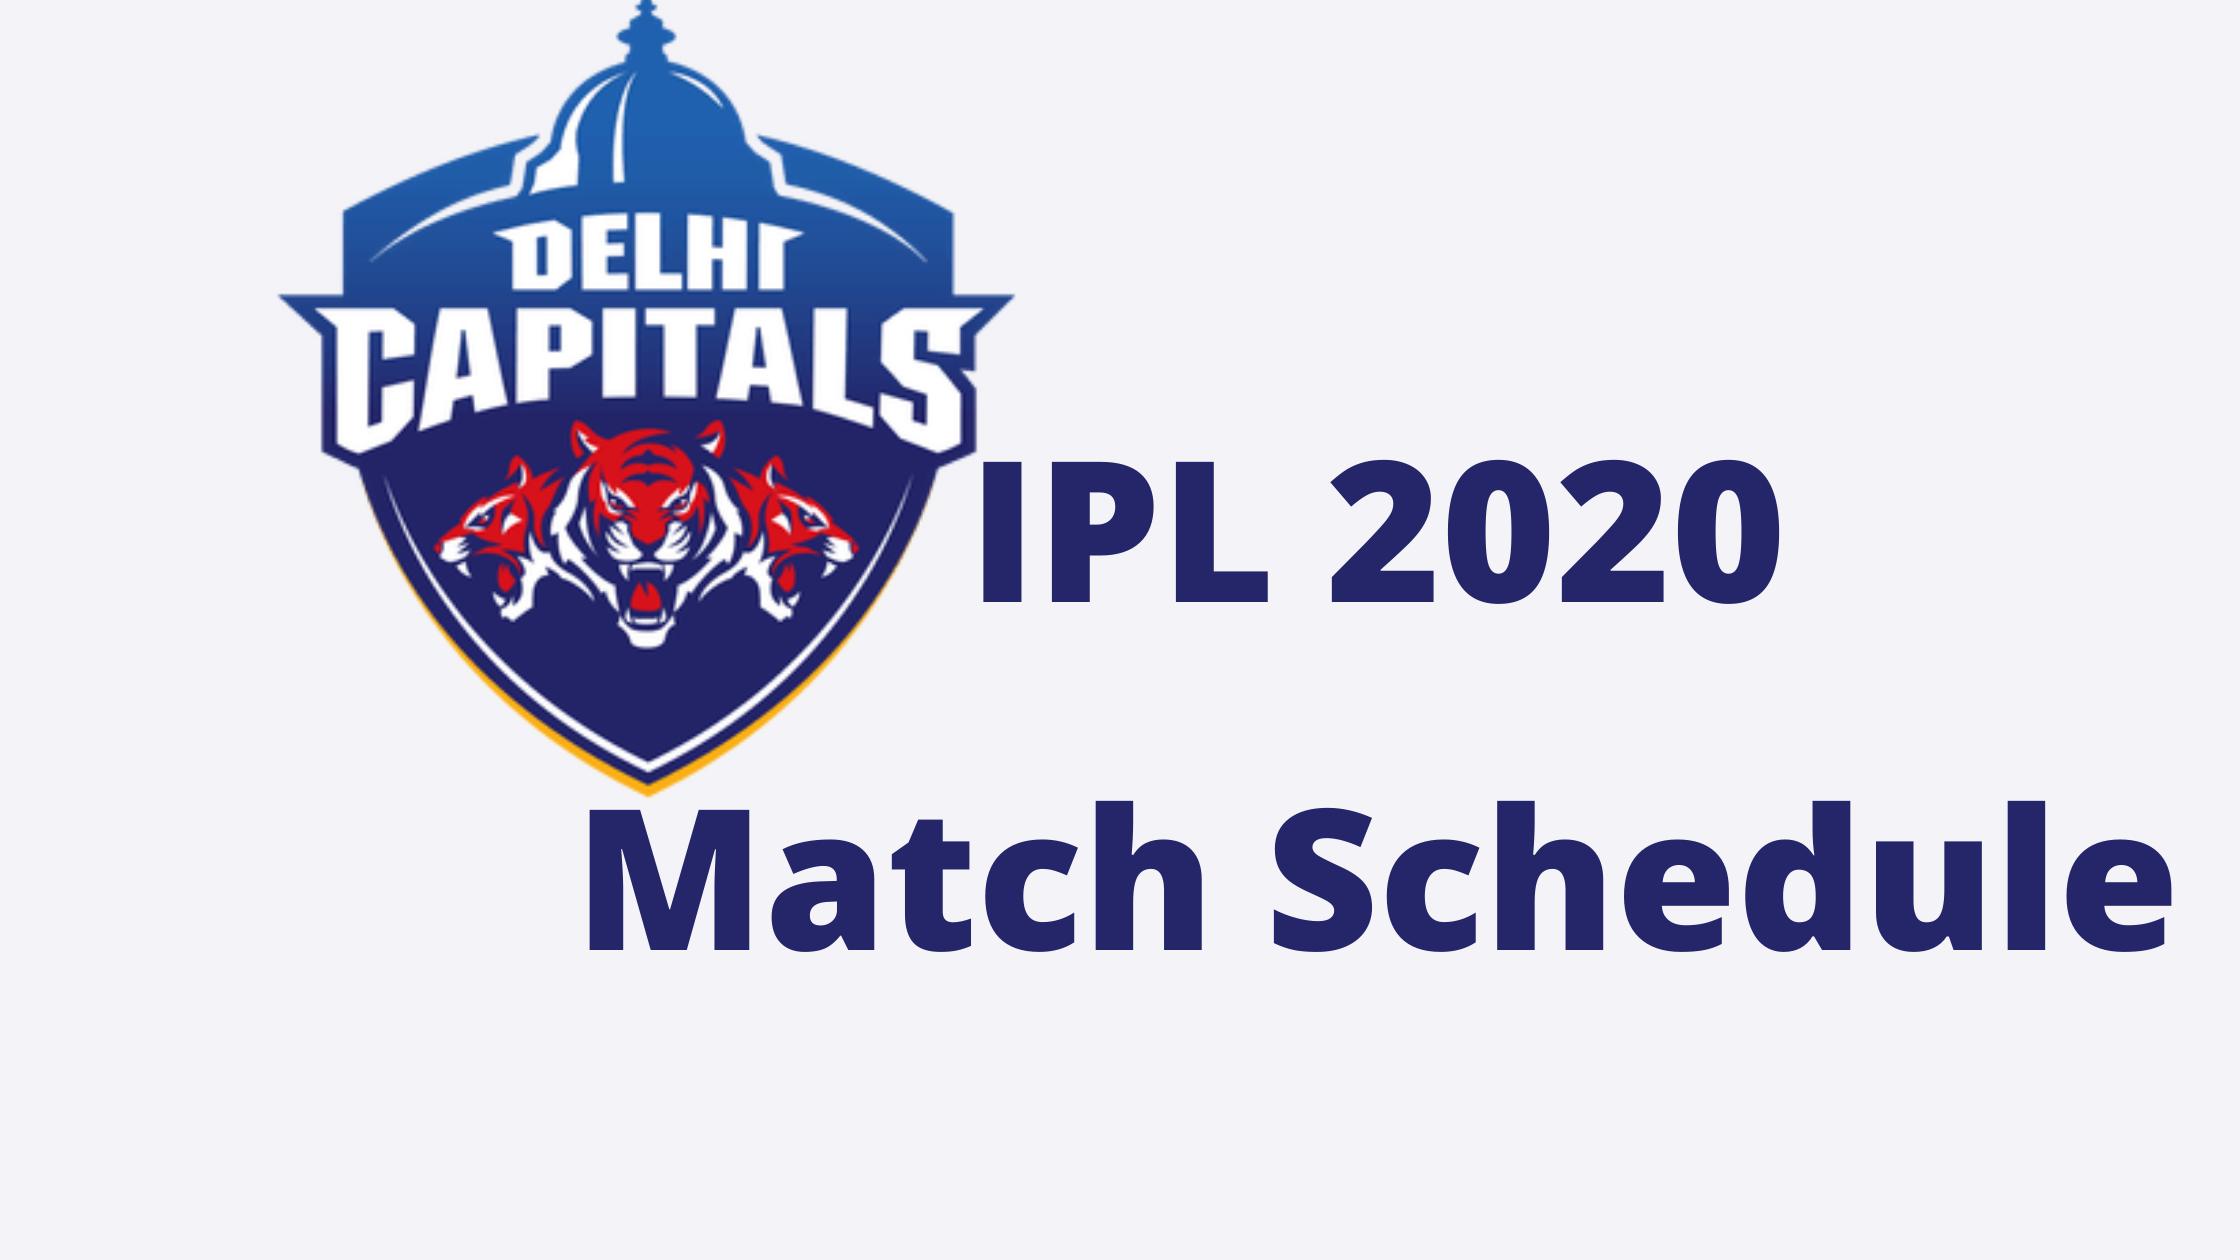 Dream11 IPL 2020 Delhi Capitals Match Schedule